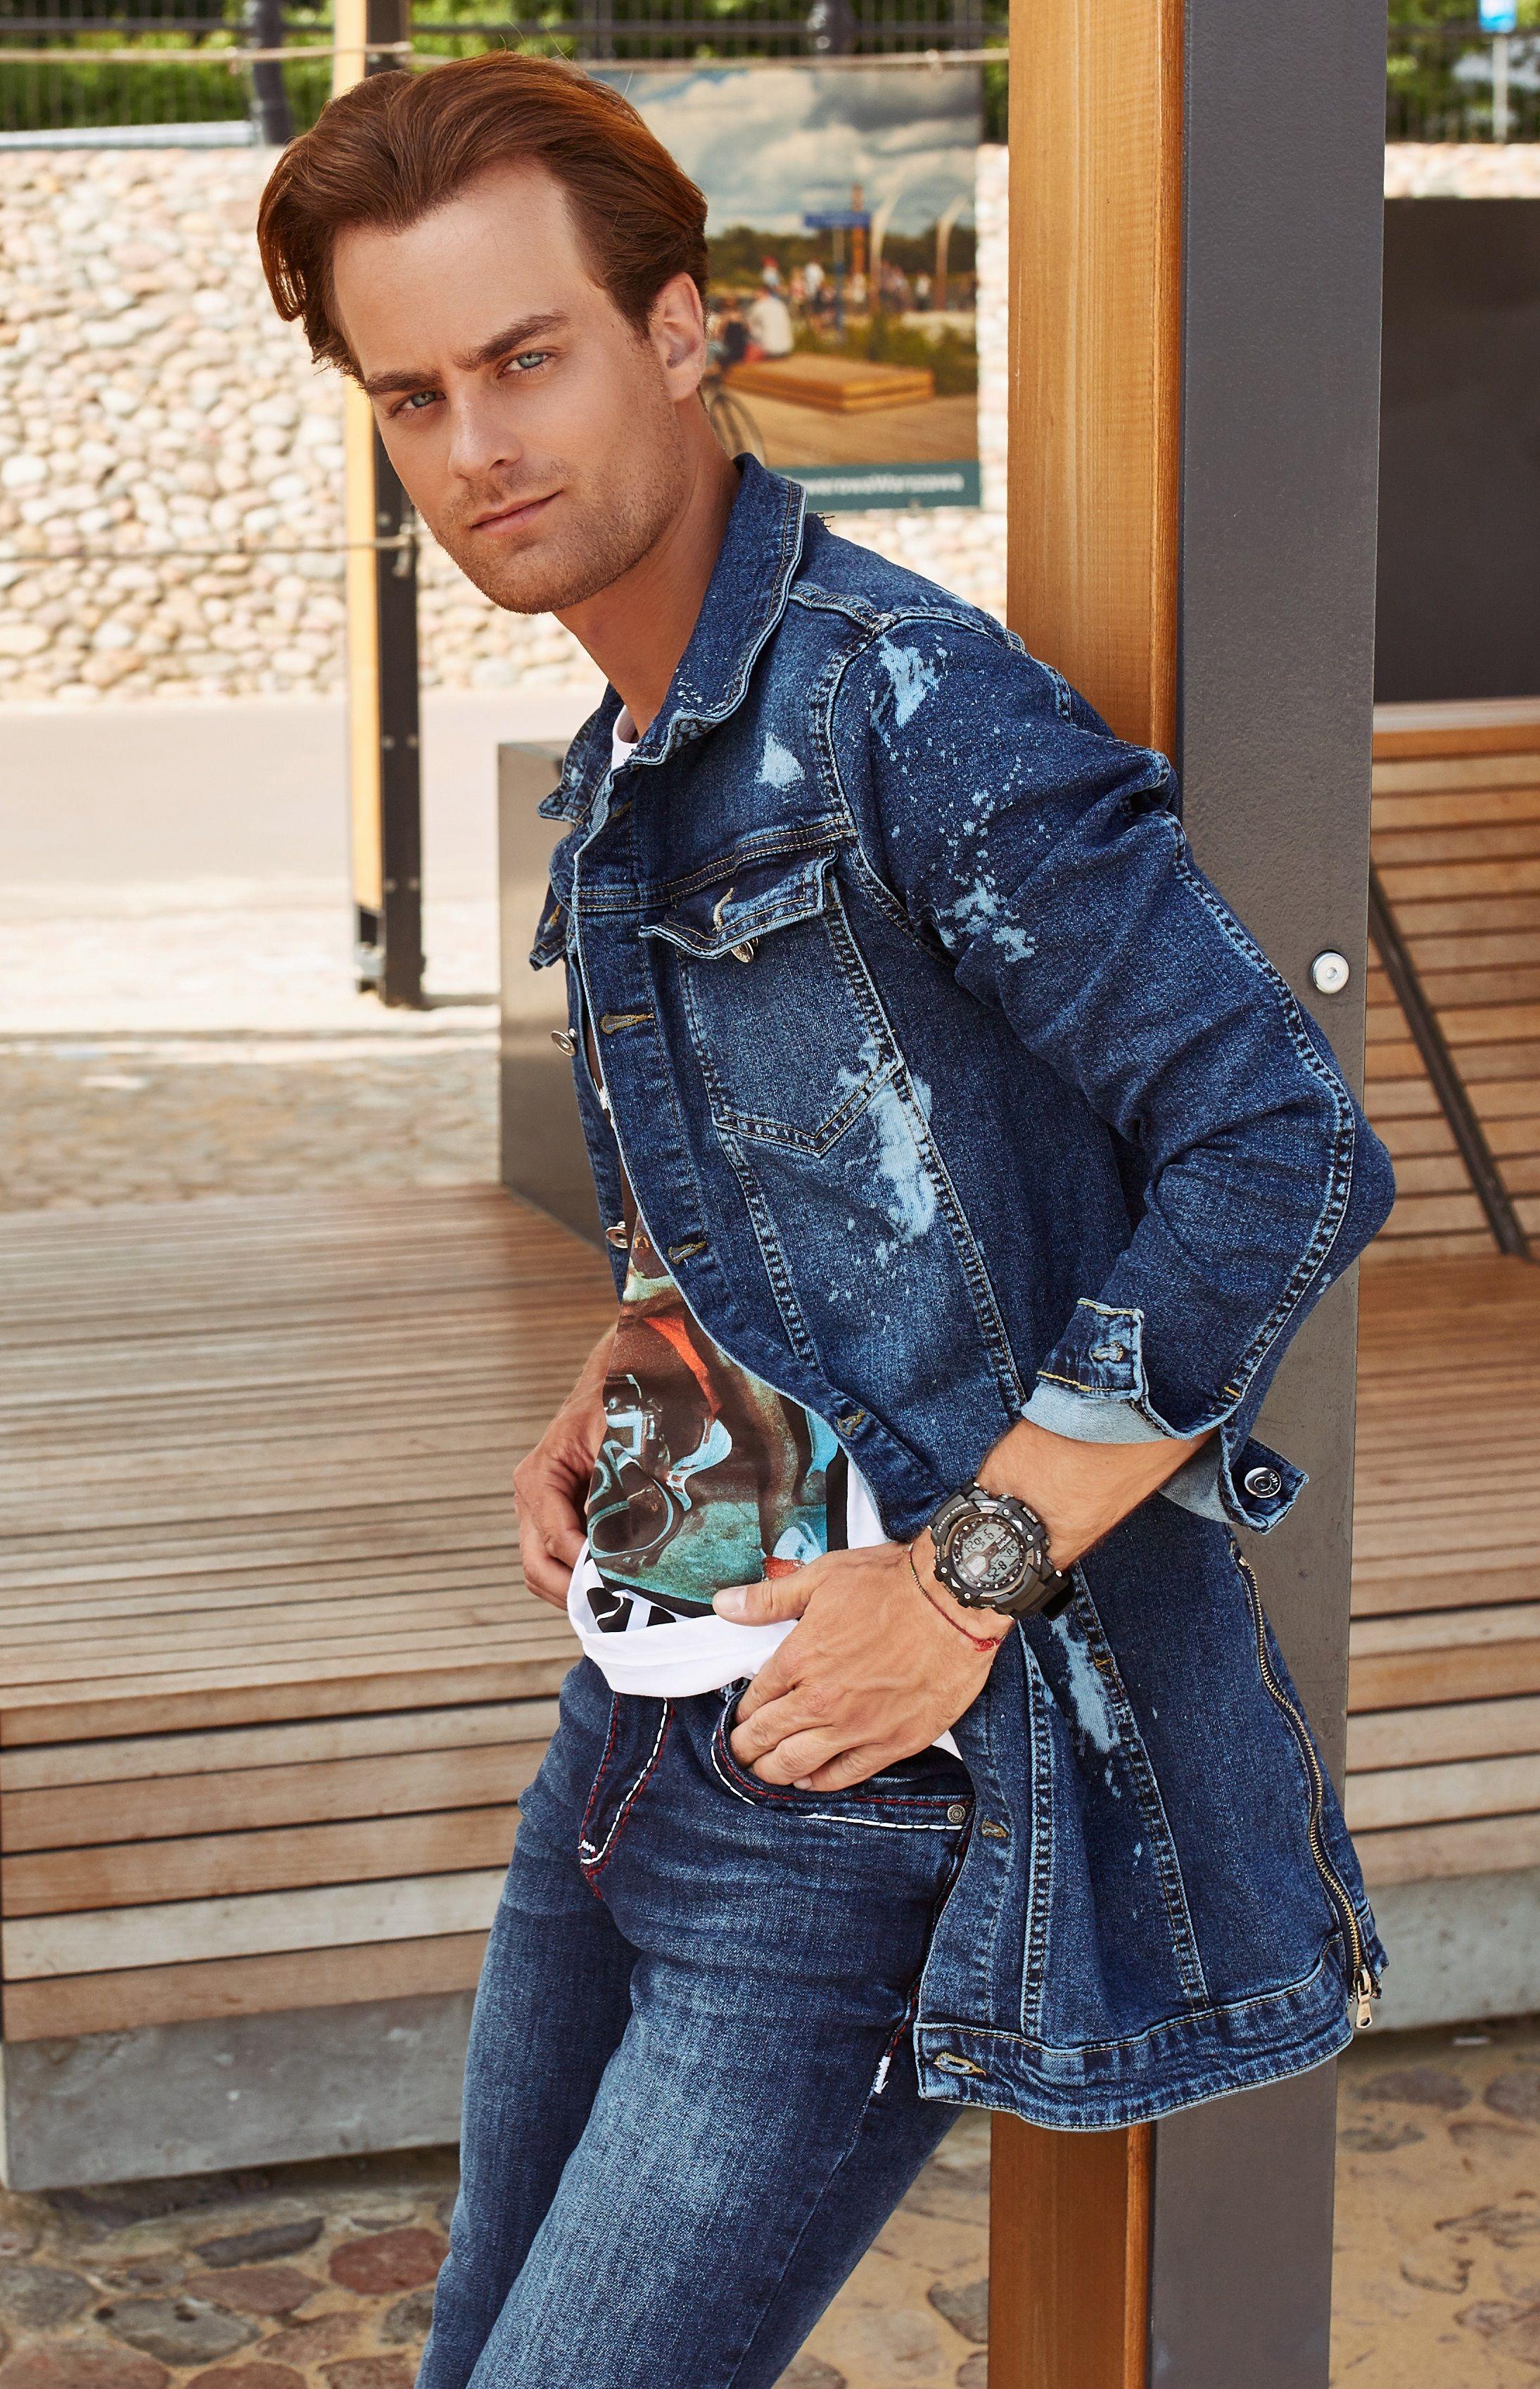 7dc4ddc51a Zawsze na topie  JEANS❗ Zainspiruj się stylizacją ze zdjęcia  T-shirt męski  ➡ model 1396 Jeansy ➡ model 702 Kurtka jeansowa ➡ model 2020